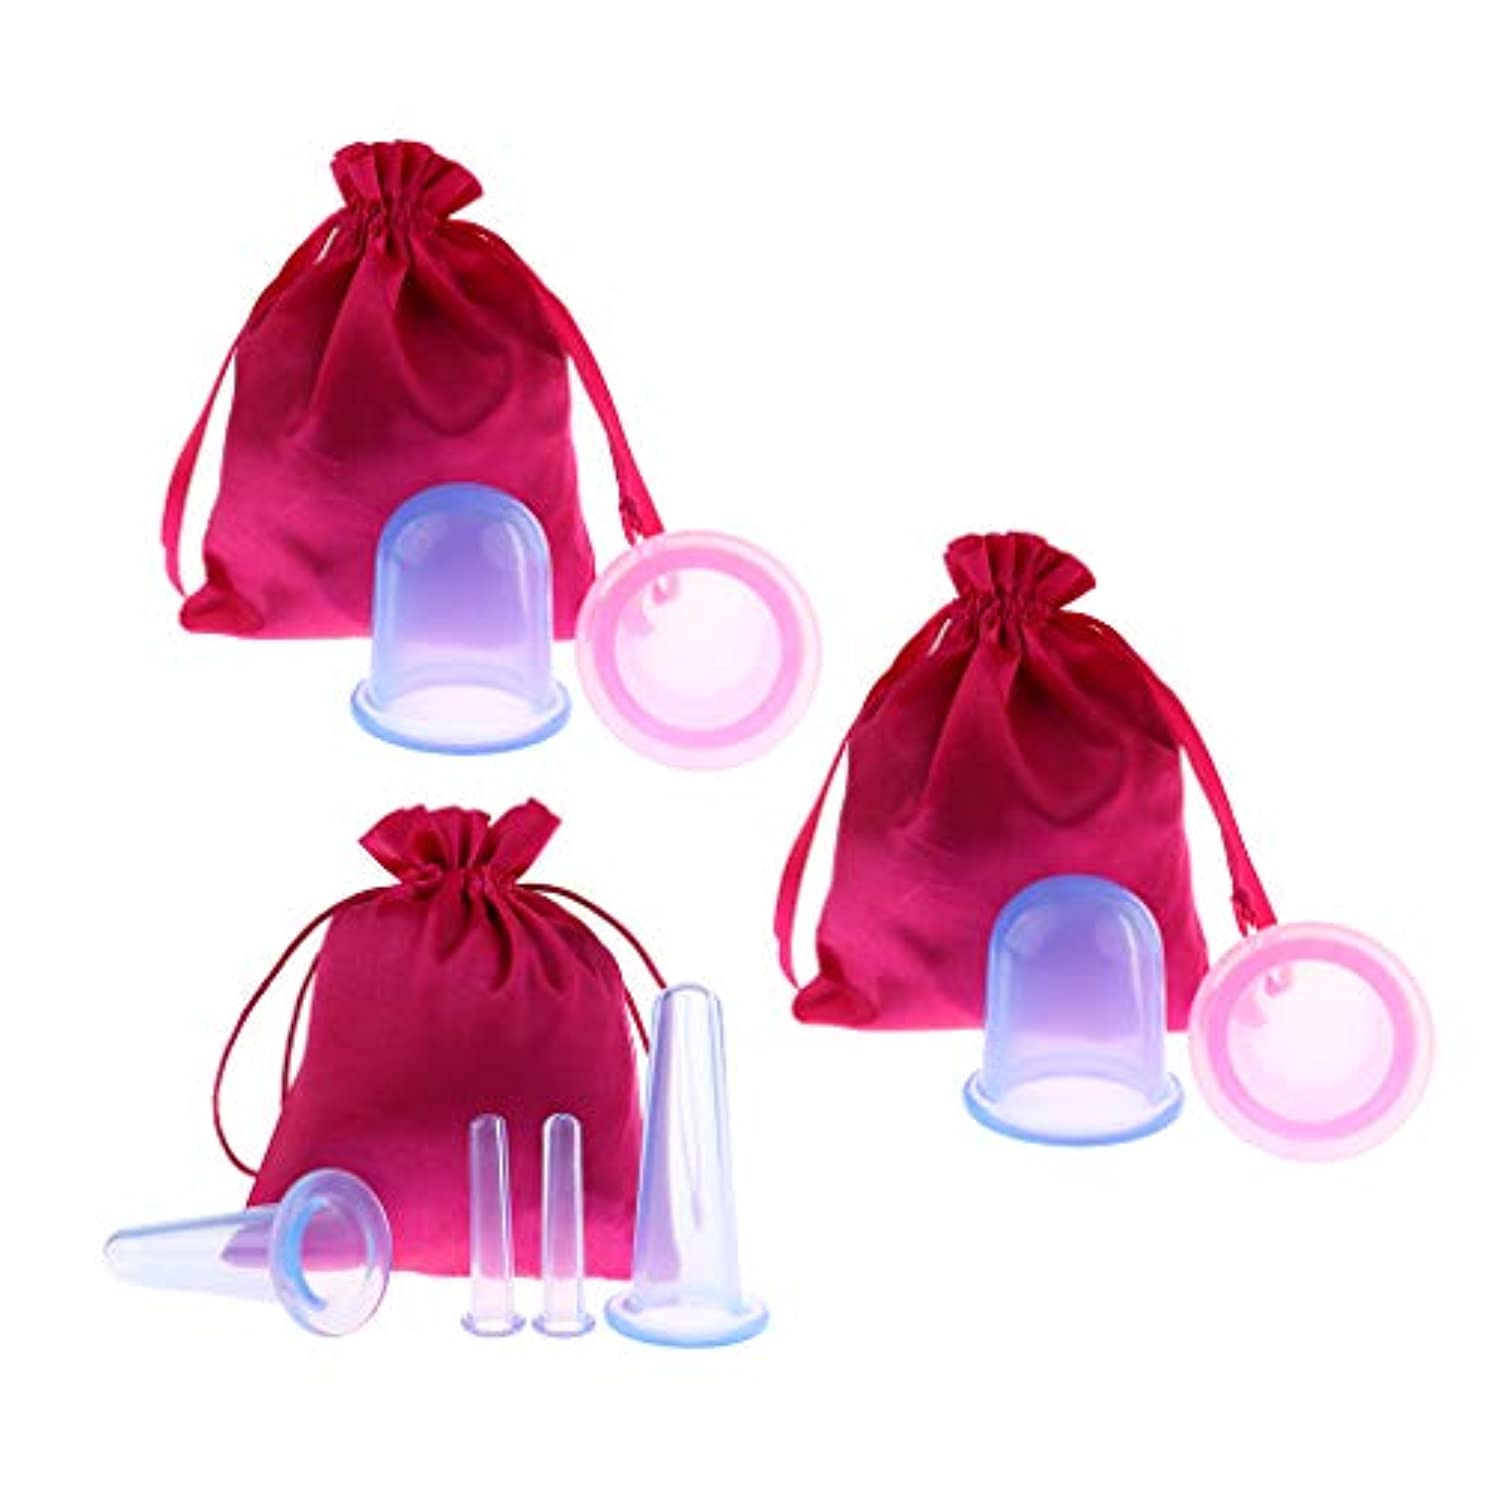 一般的な粘液カポックBaoblaze 8個 真空カッピングボディカップ シリコーン 美容院 スパ リラックス